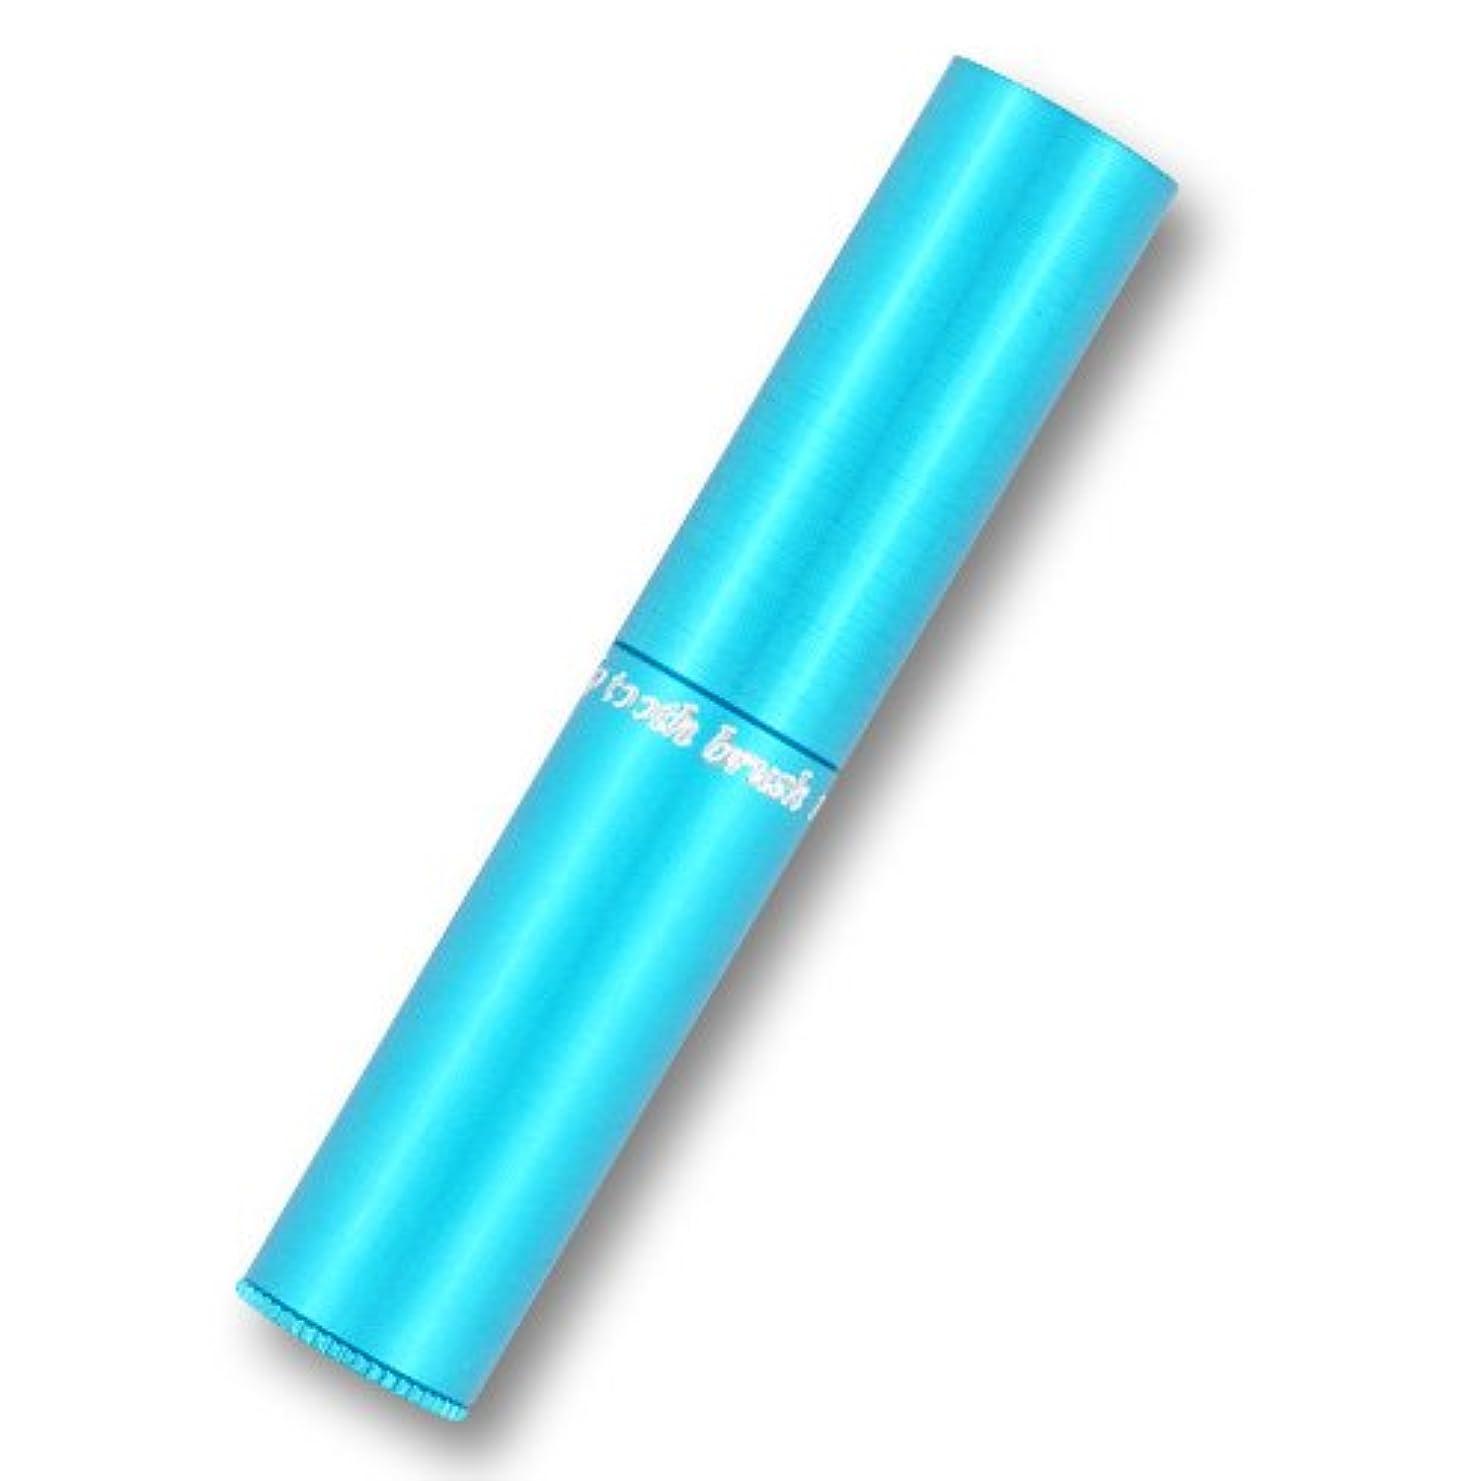 ブロー行送った携帯歯ブラシ?タベタラmigaCO(ブルー)